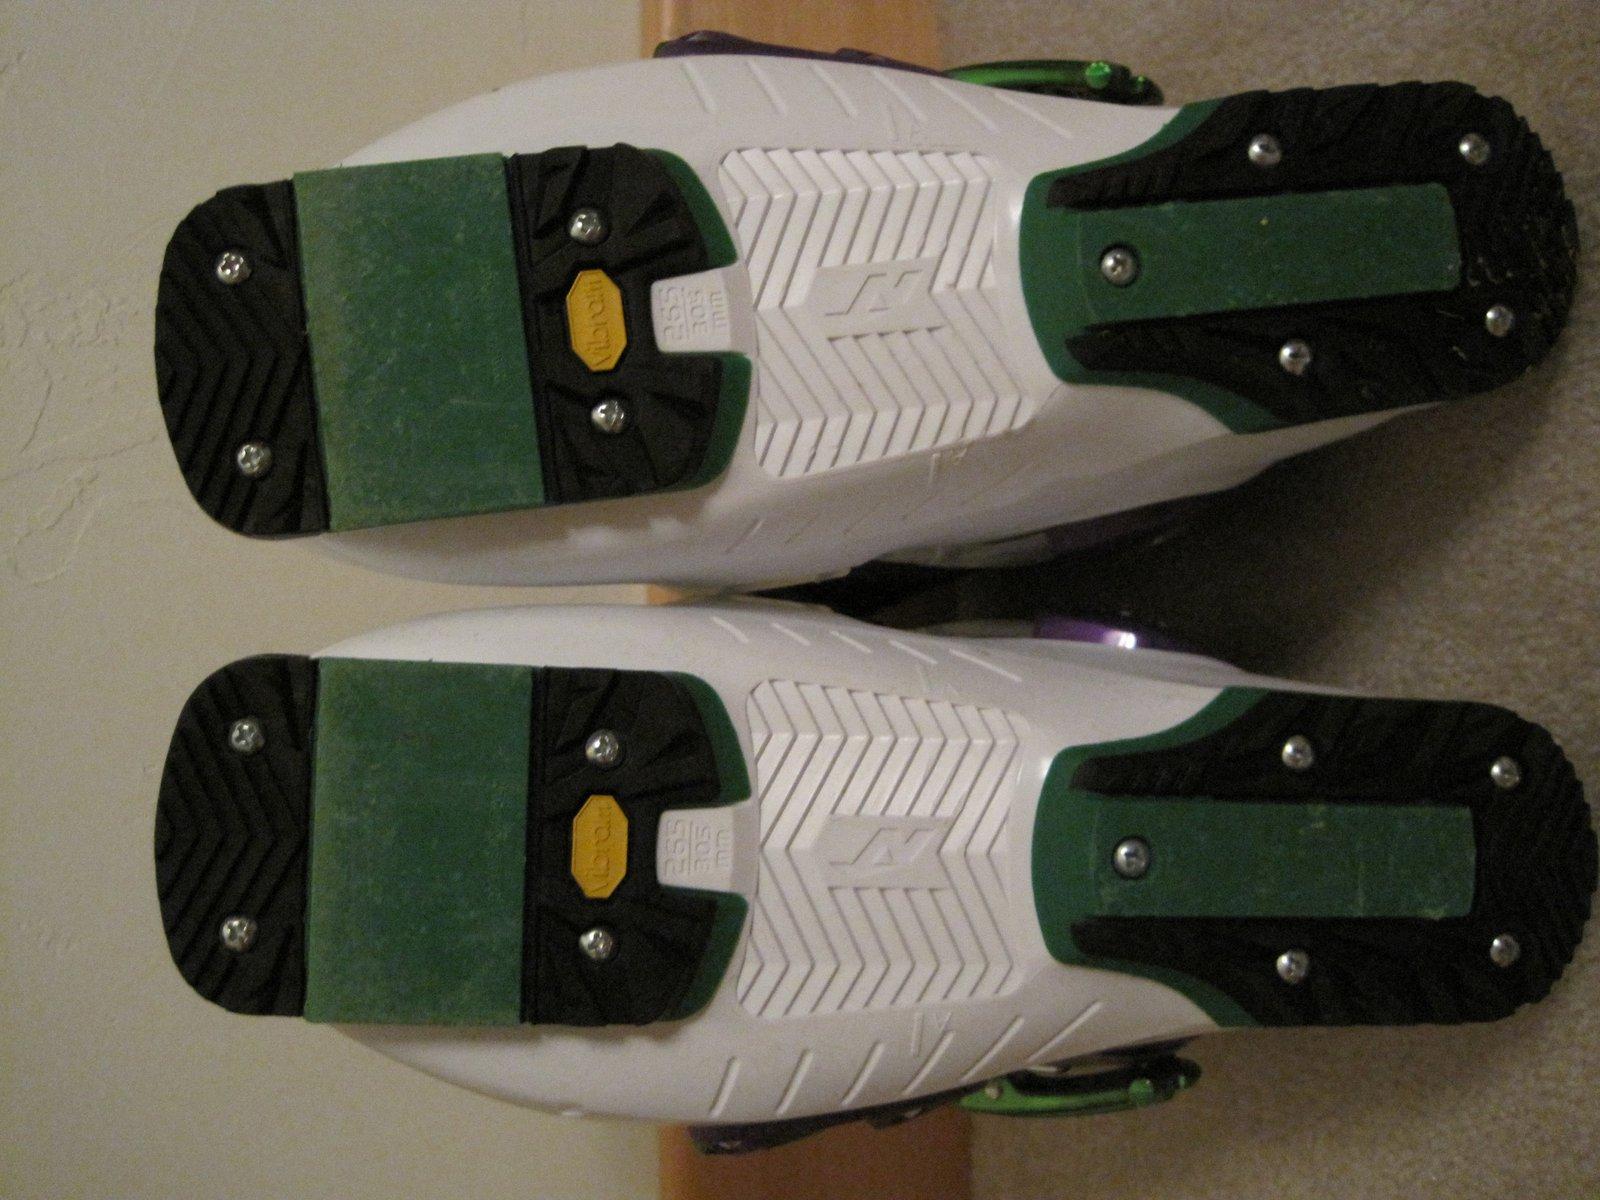 Nordica Ace of Spades soles